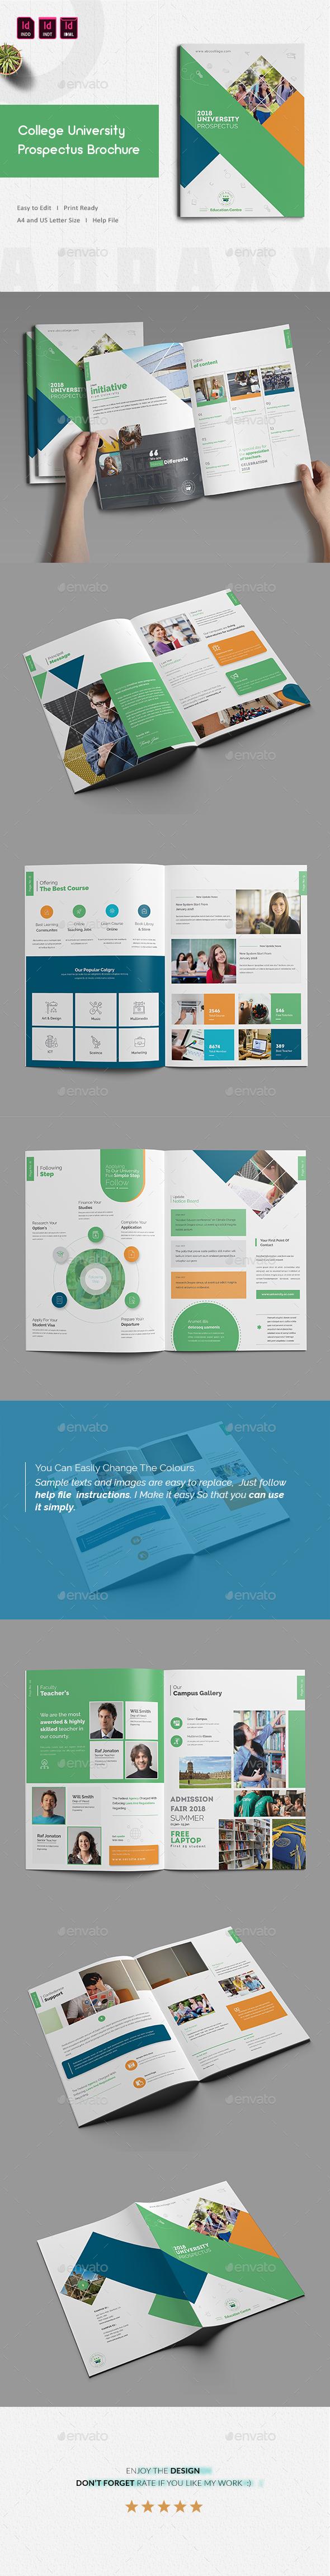 College University Prospectus Brochure - Corporate Brochures